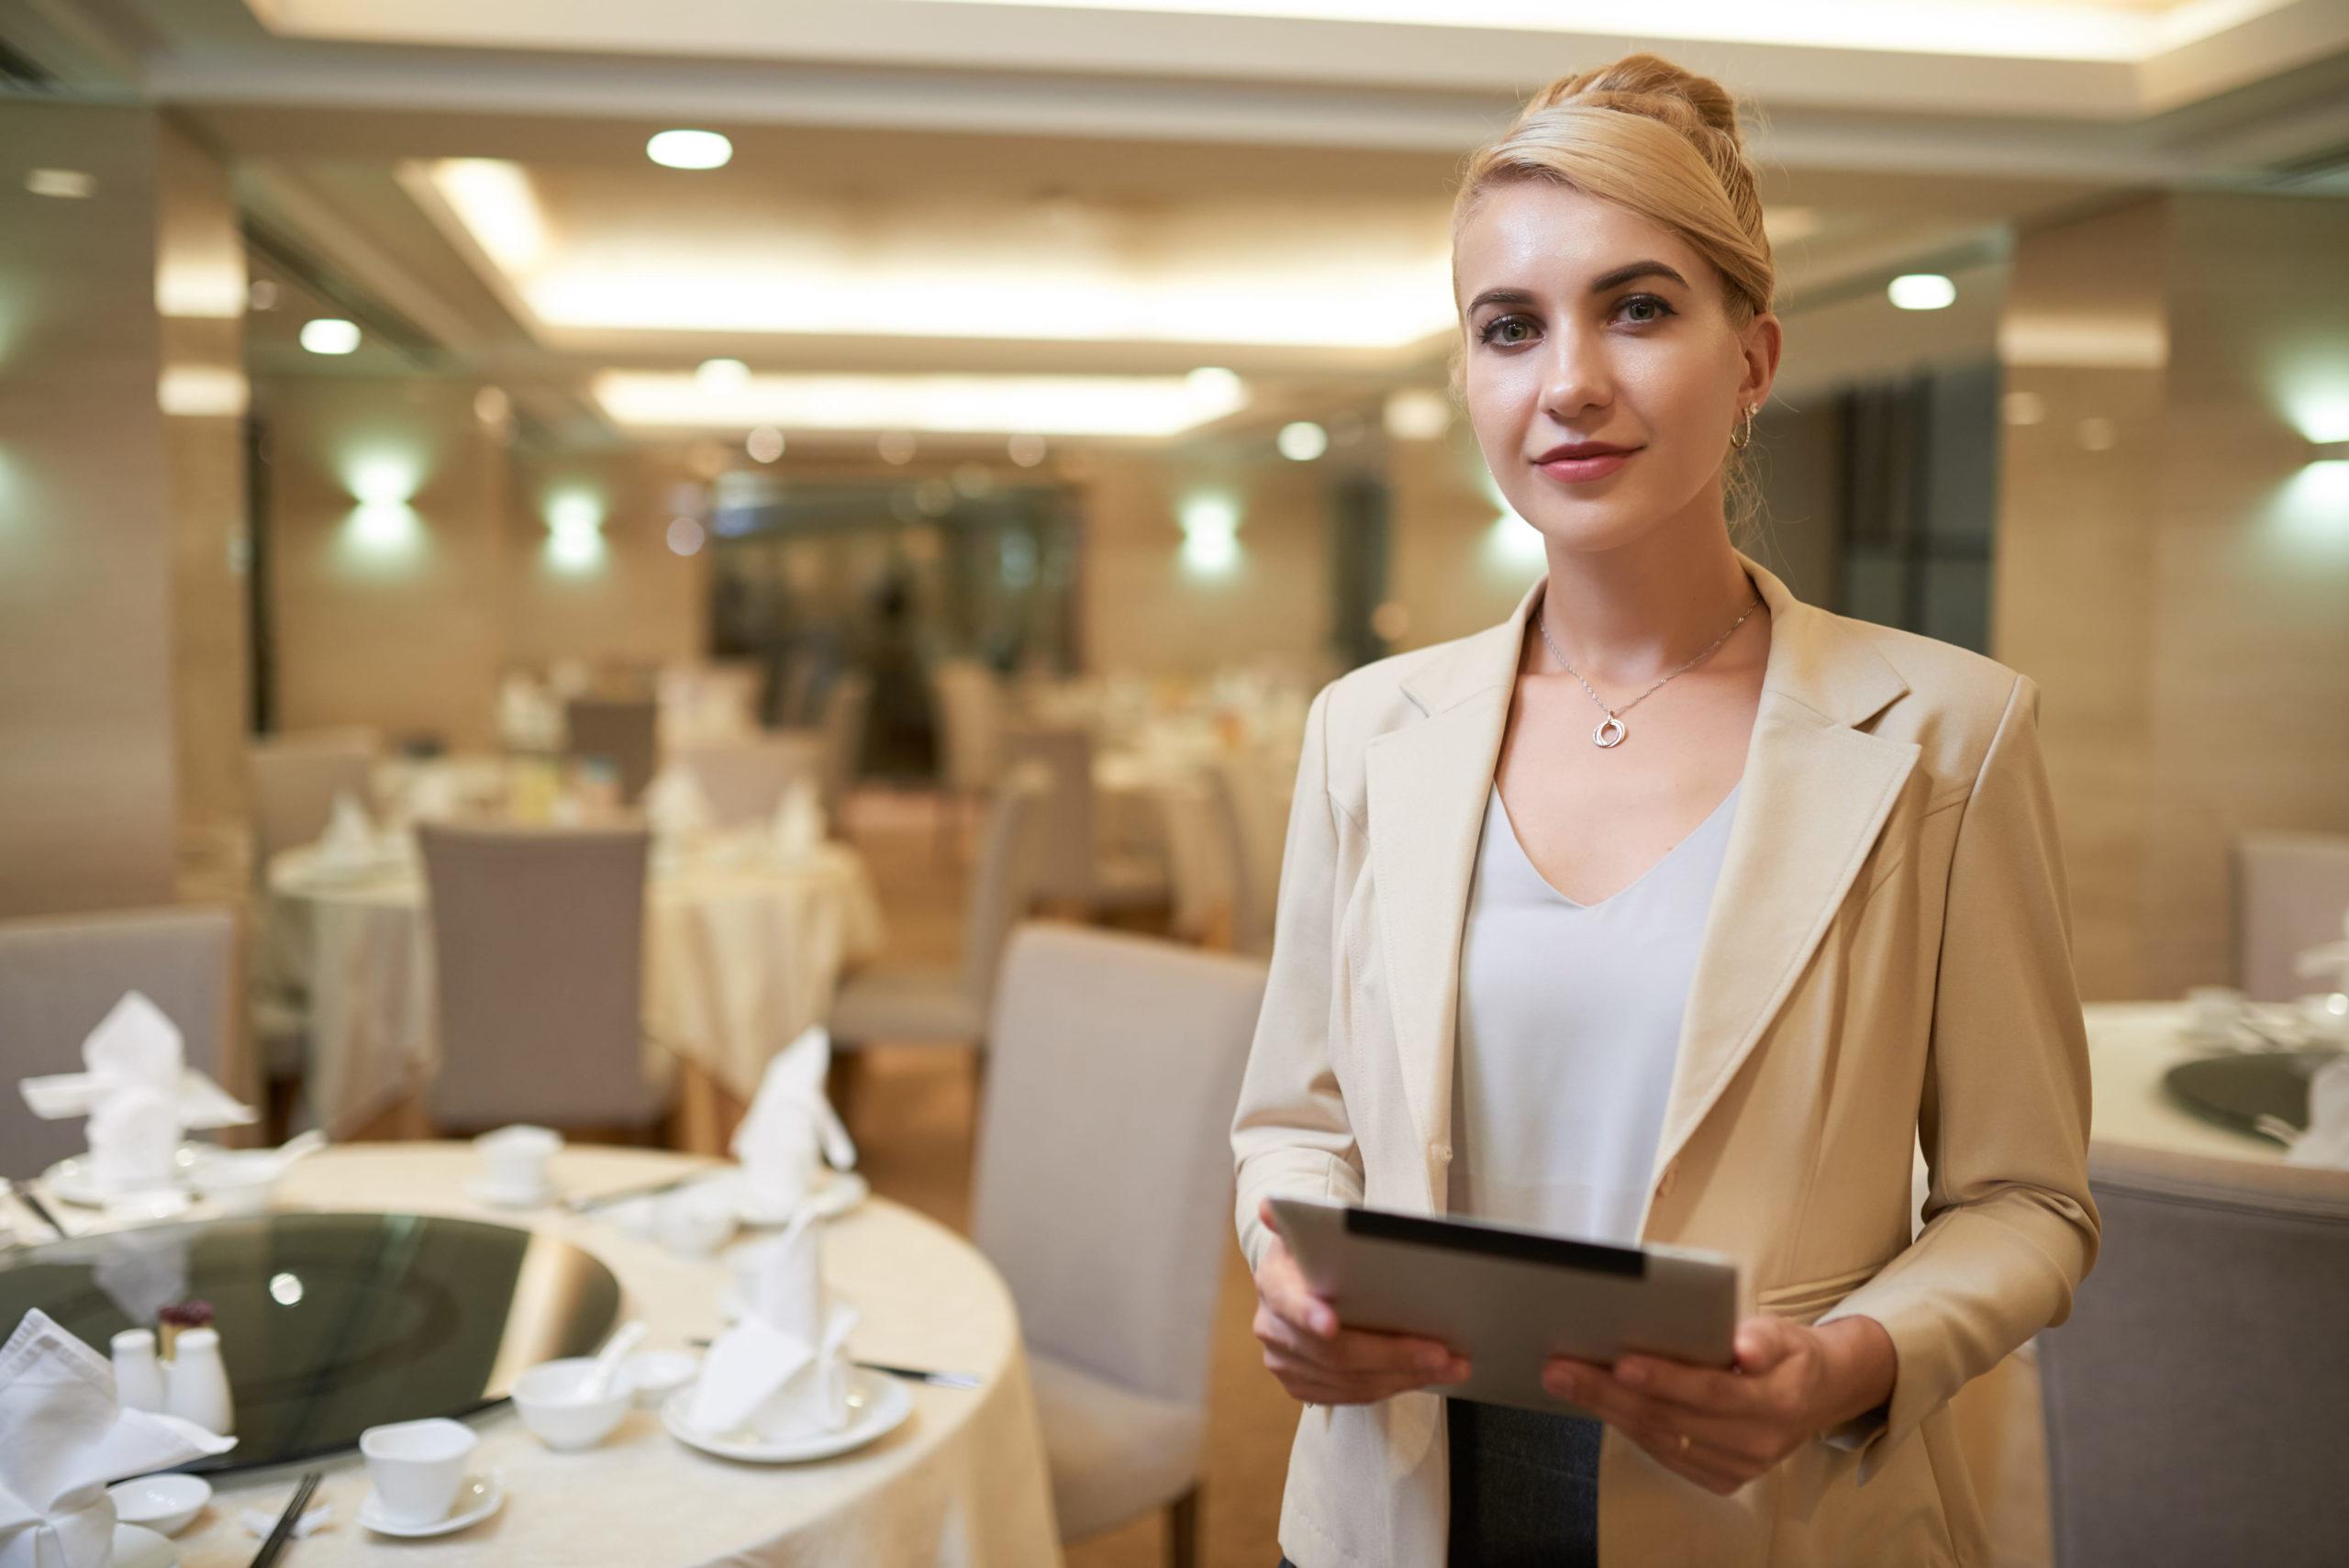 Agencje hostess oferują wynajem hostess na eventy